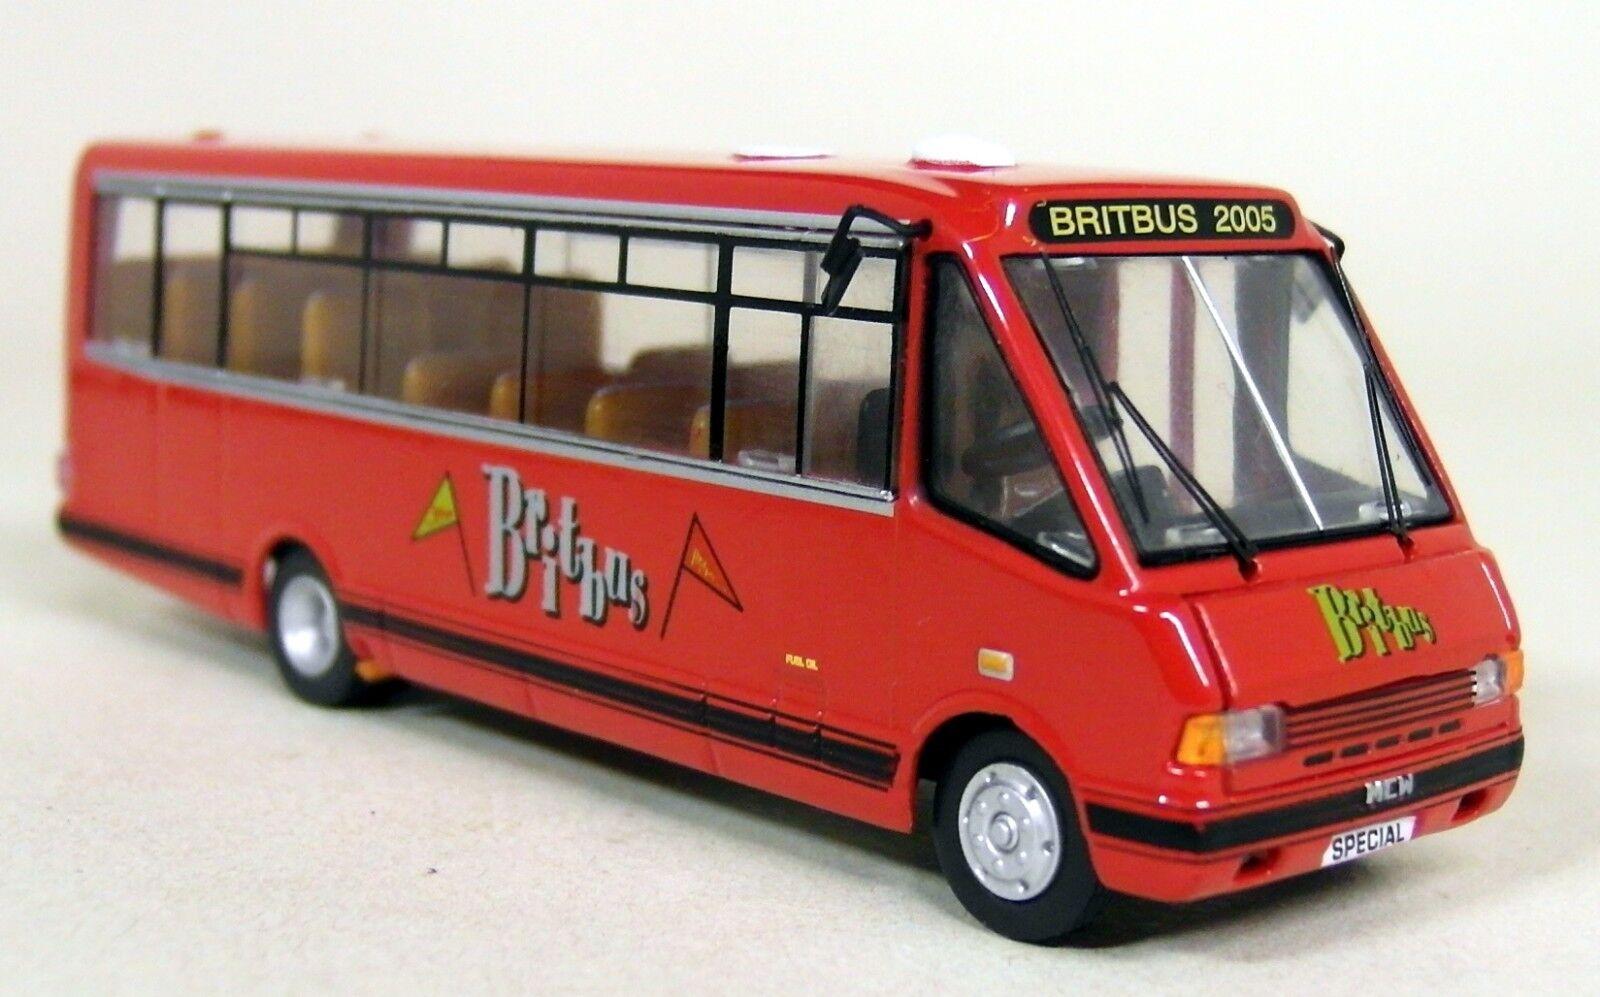 Britbus SCALA 1 76 - MRL-SB05 MCW MIDI Autobus Britbus showbus 2005 Diecast Bus